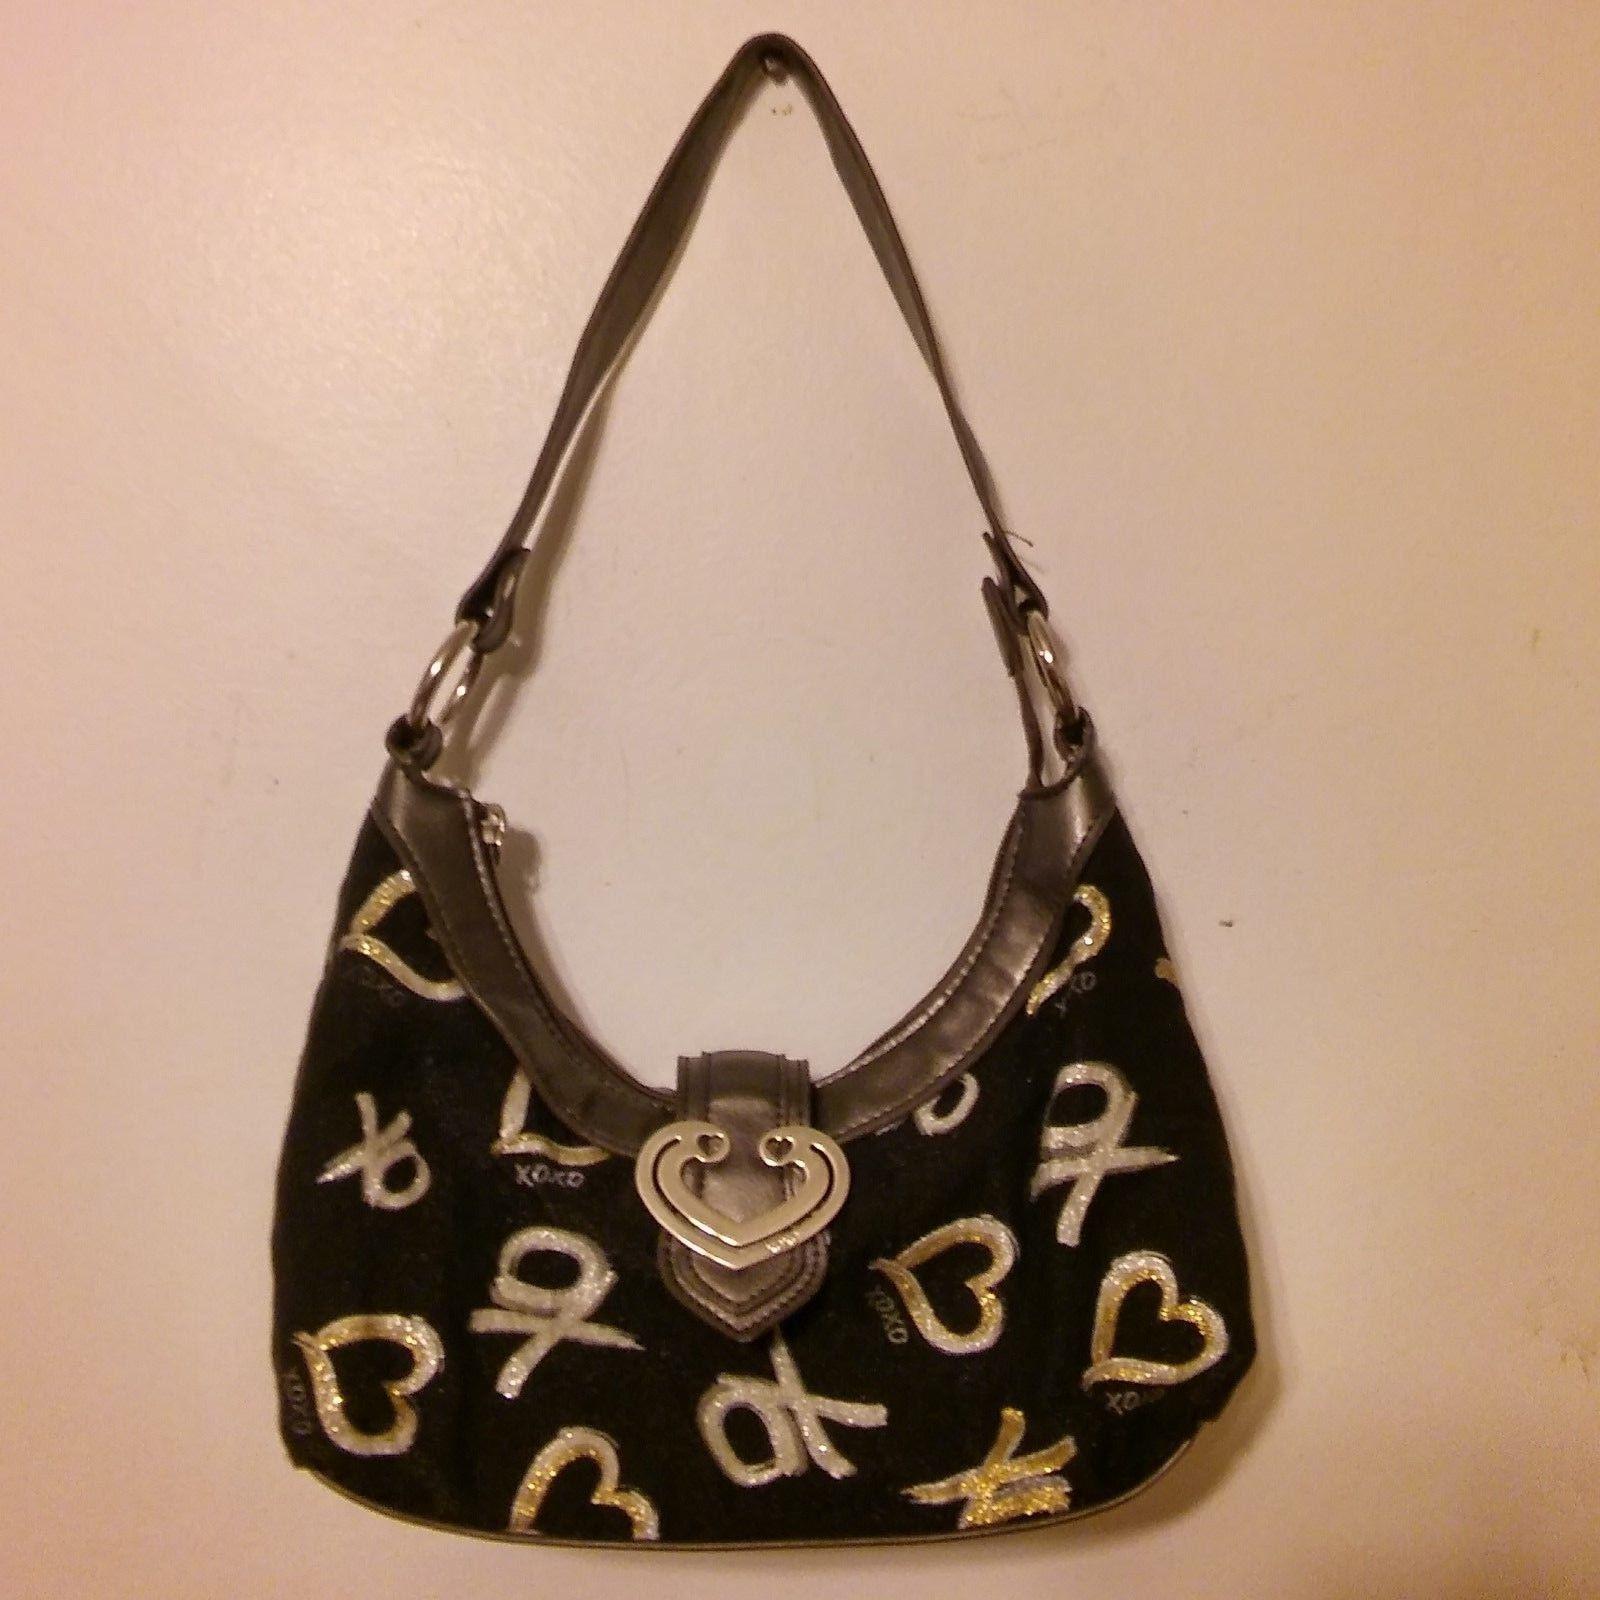 Xoxo Purse Handbag Black With Gold Silver Xo Hearts